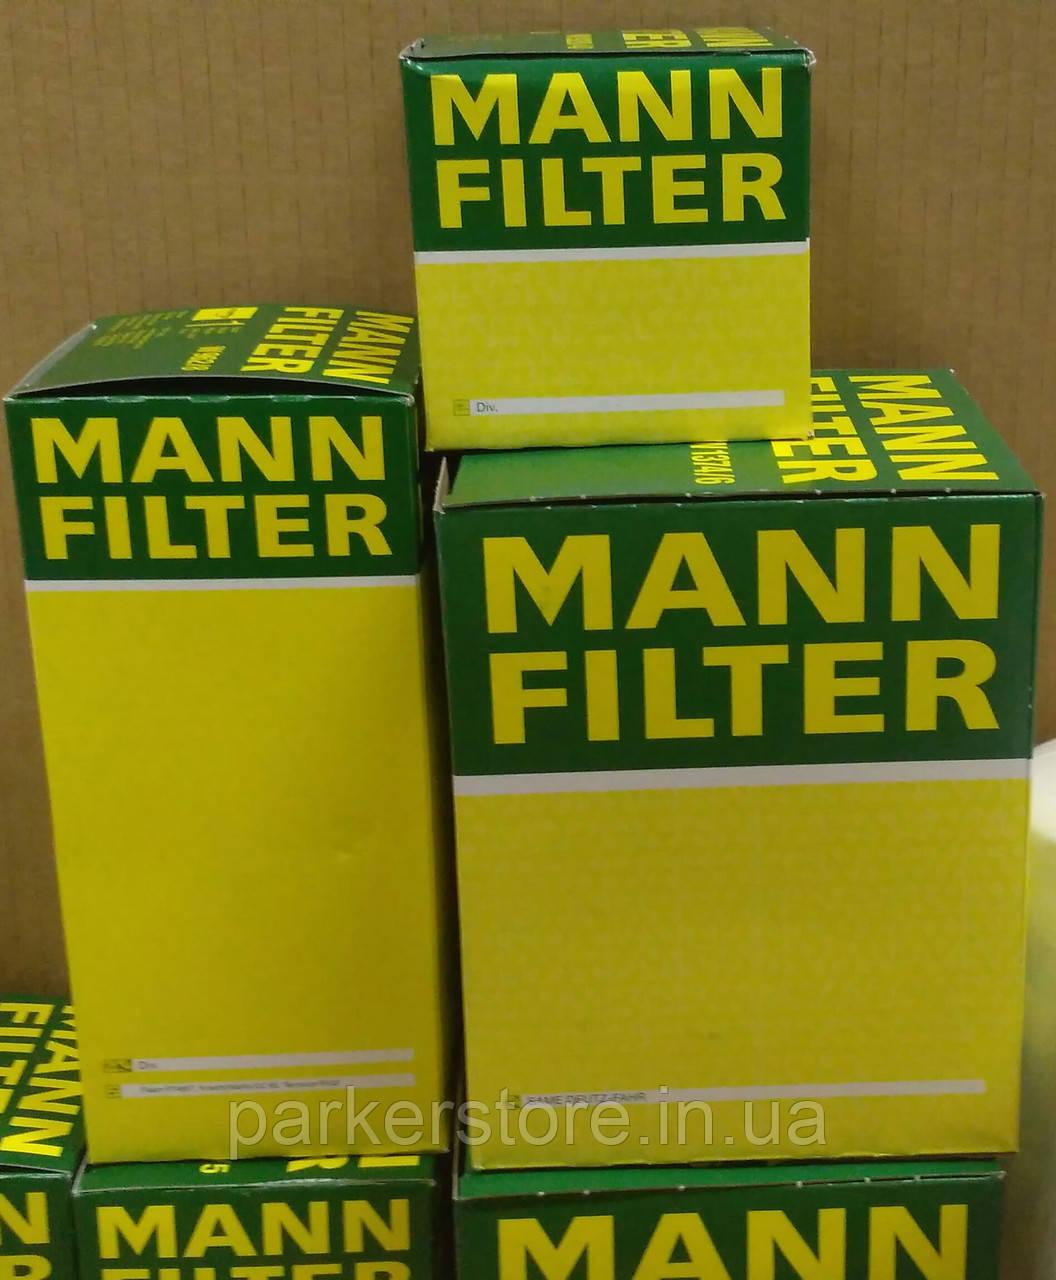 MANN FILTER / Воздушный фильтр / C 16 153 / C16153